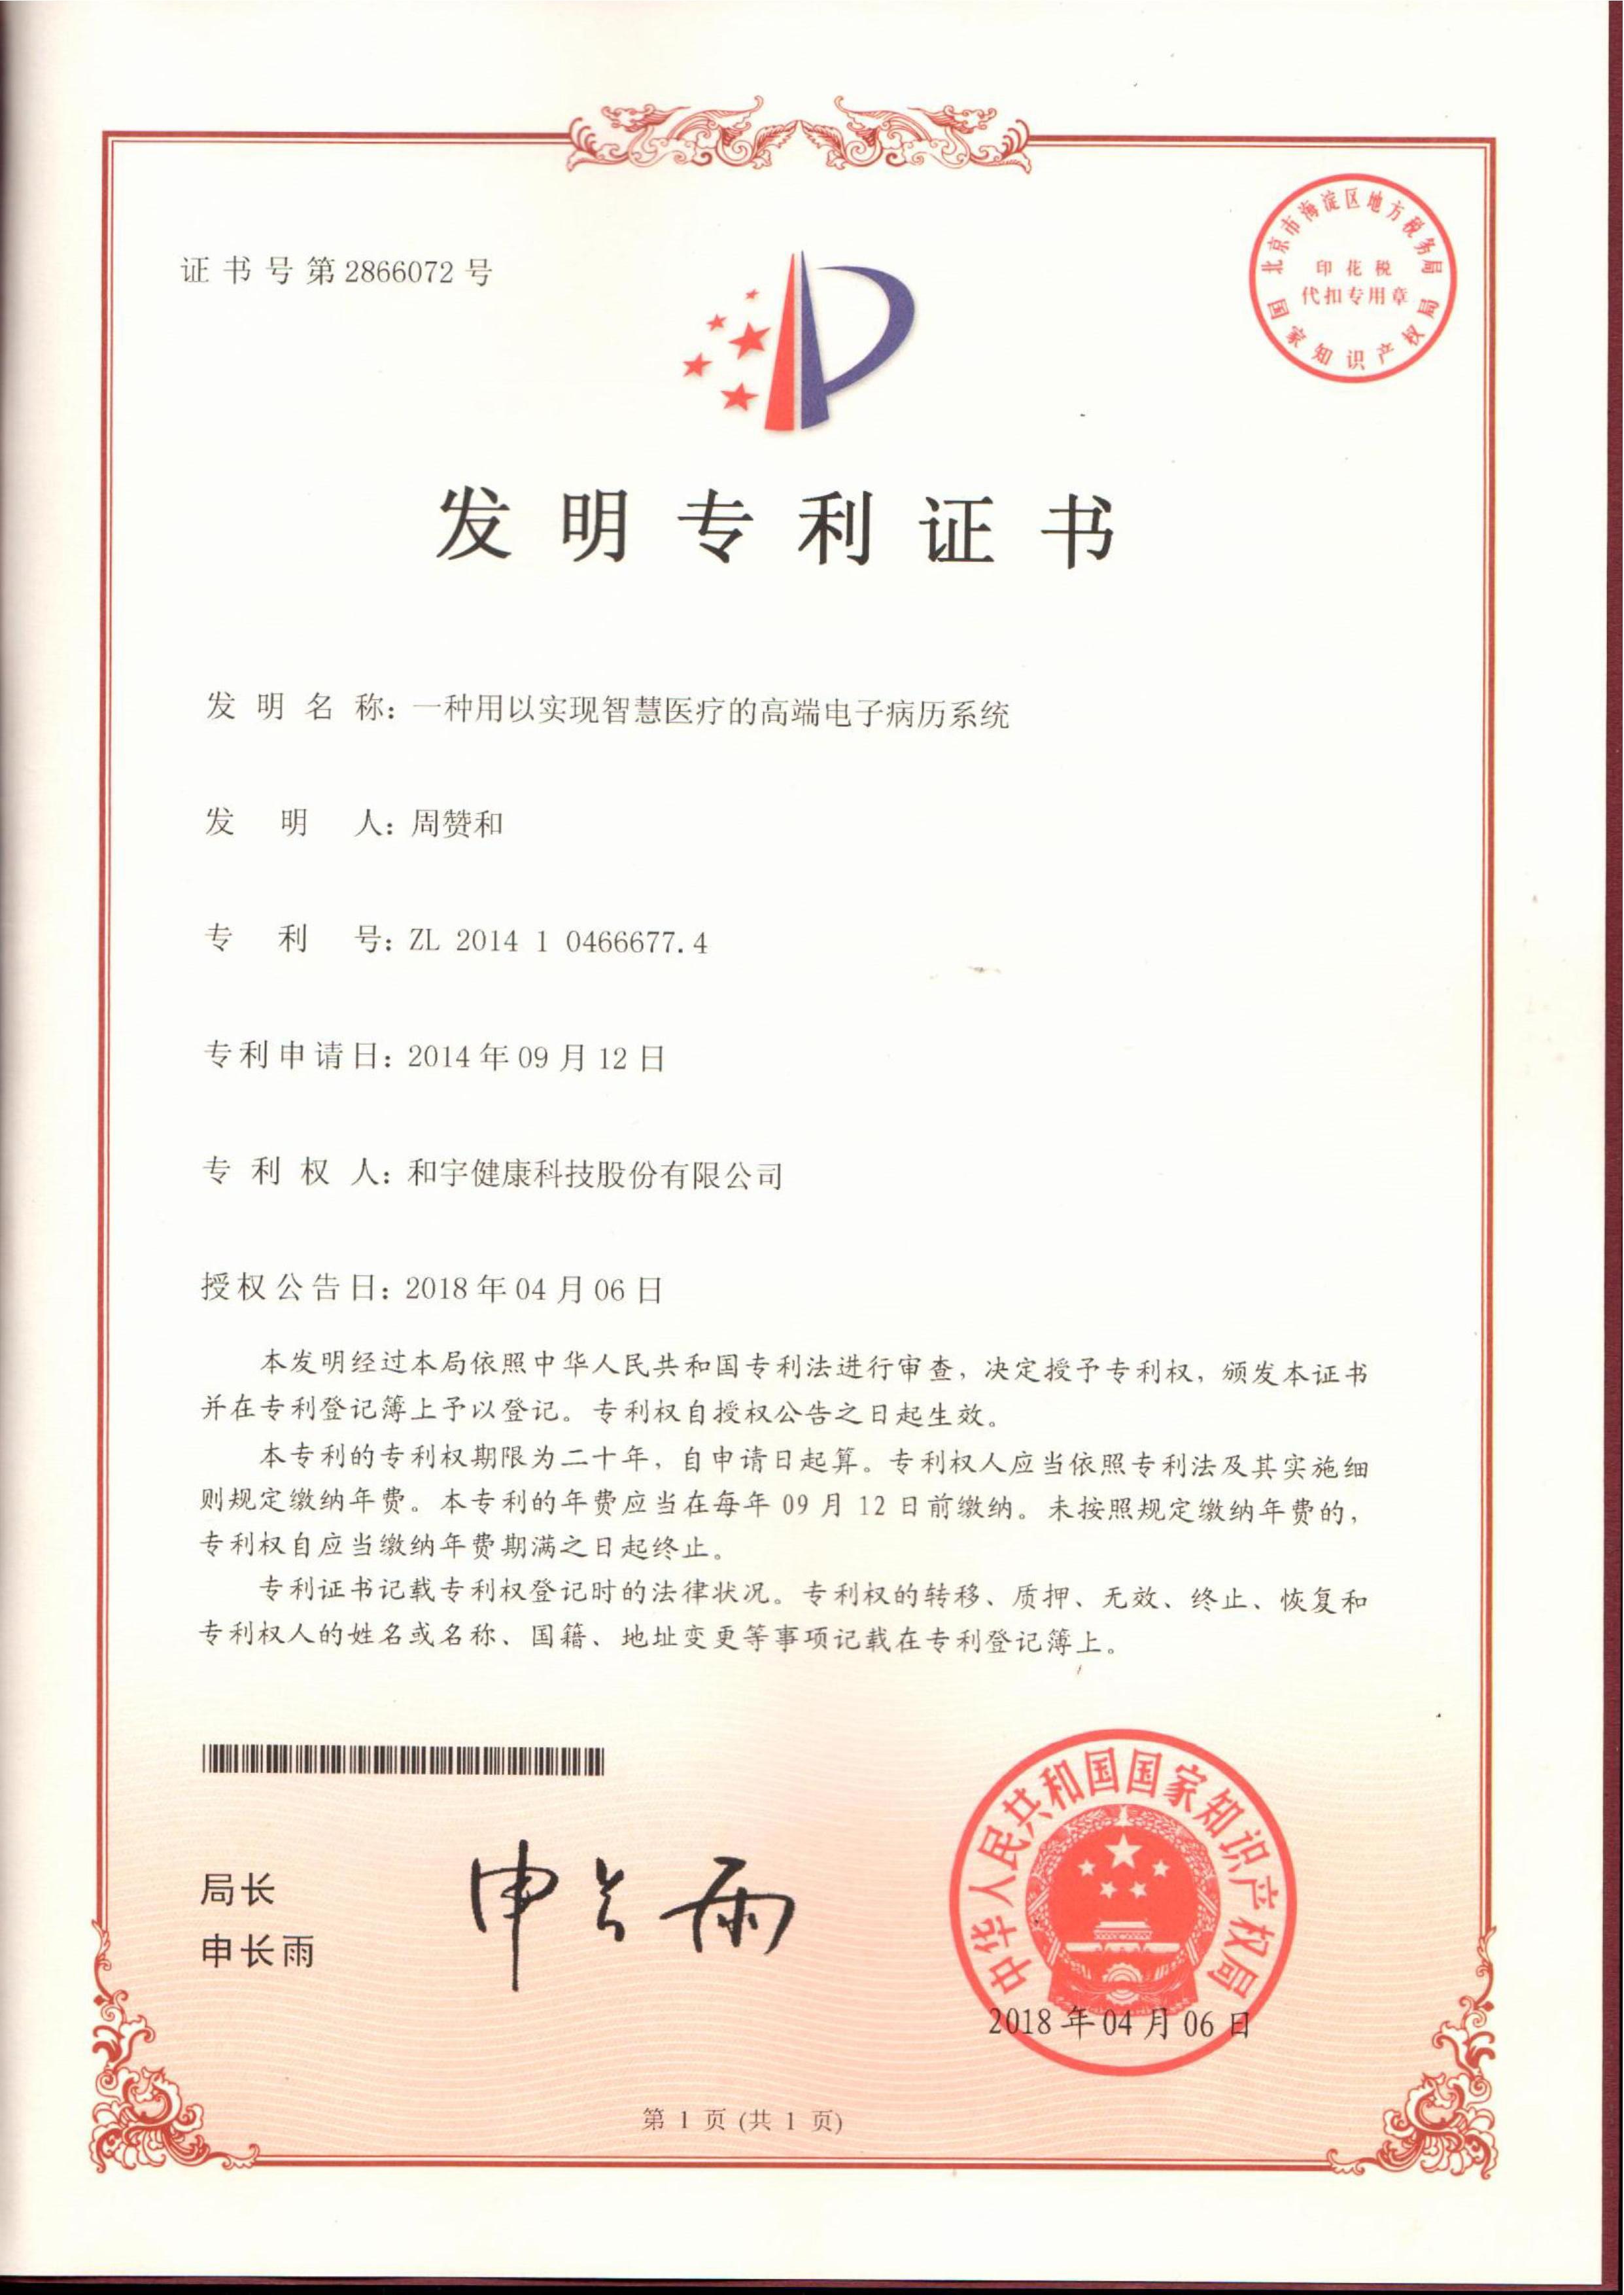 專利證書 - 一種用以實現智慧醫療的高端電子病歷系統